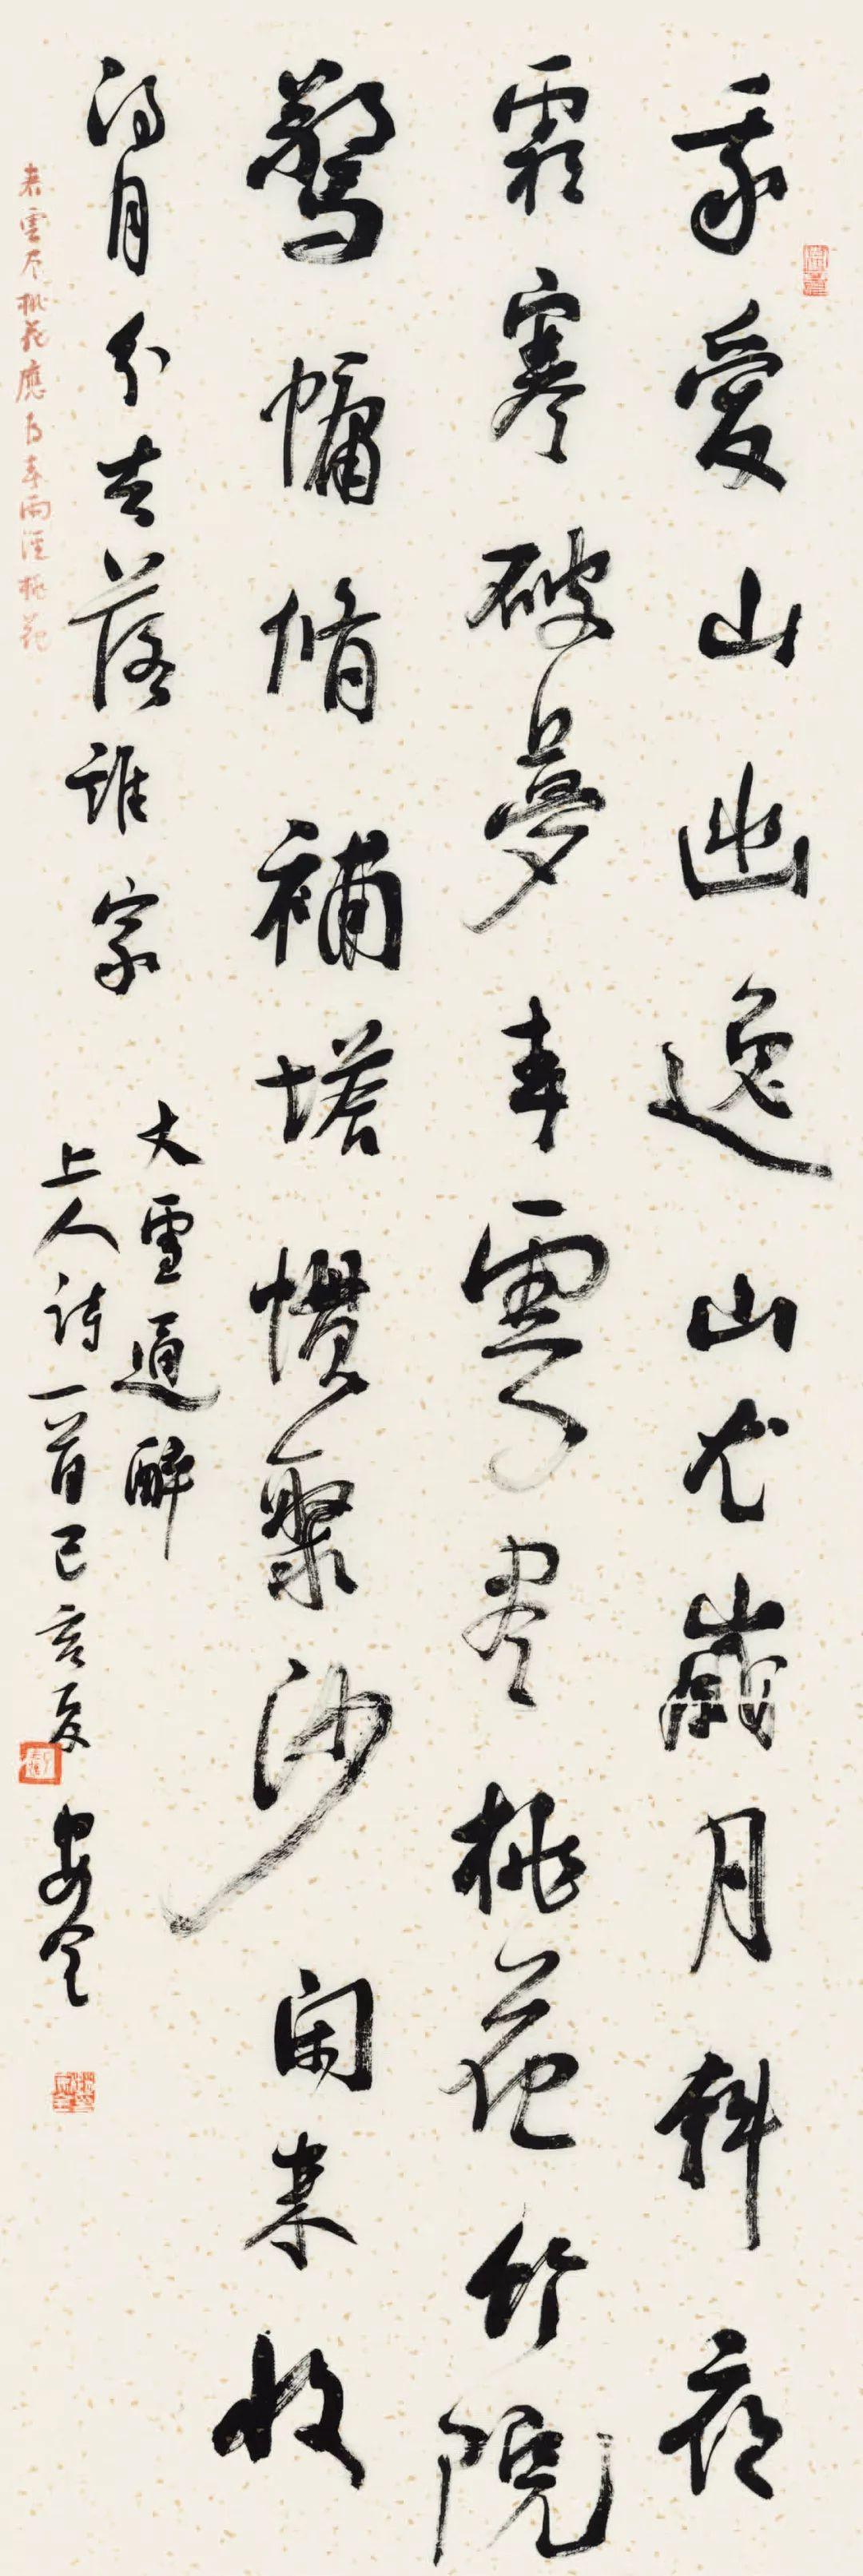 640-56.jpg